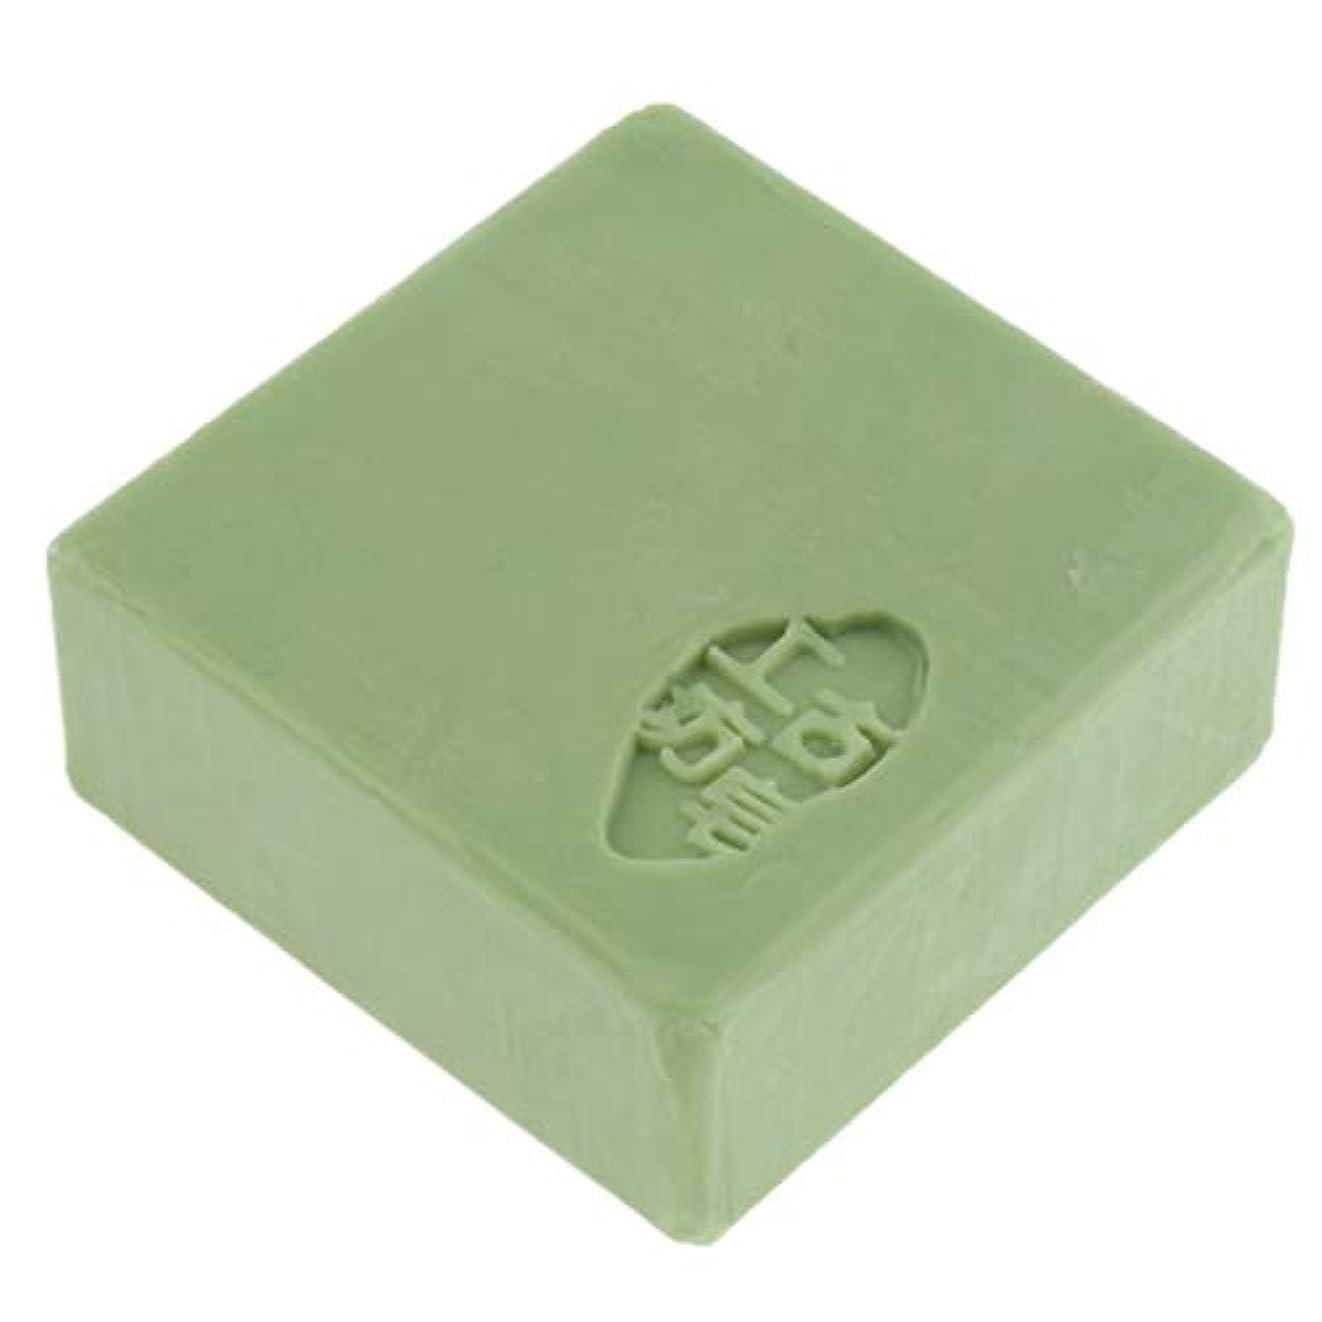 トランザクションゆるいヒゲクジラフェイスソープ ボディソープ スキンケア 石鹸 メイク落とし 全3色 - 緑